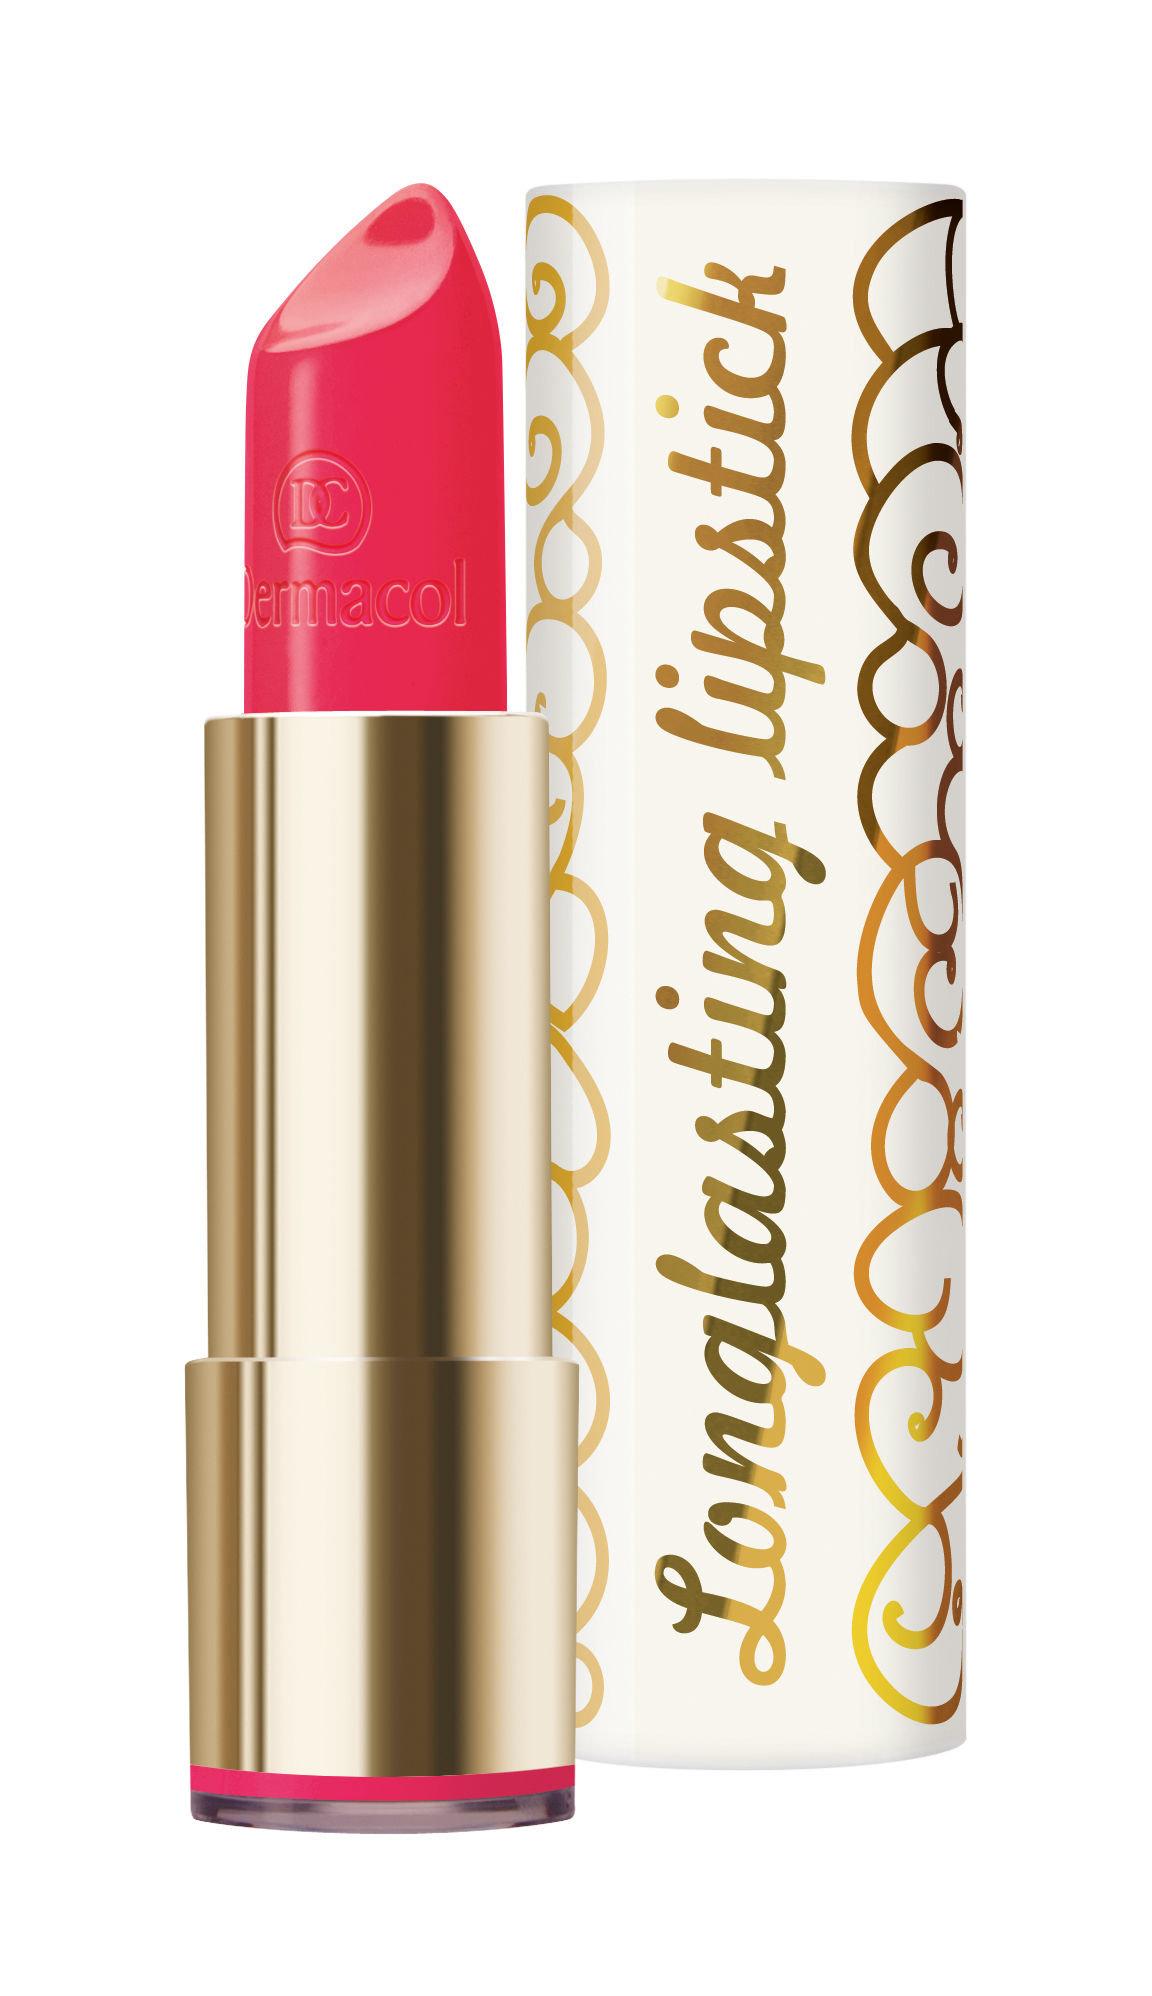 Dermacol Longlasting Cosmetic 4,8ml 01